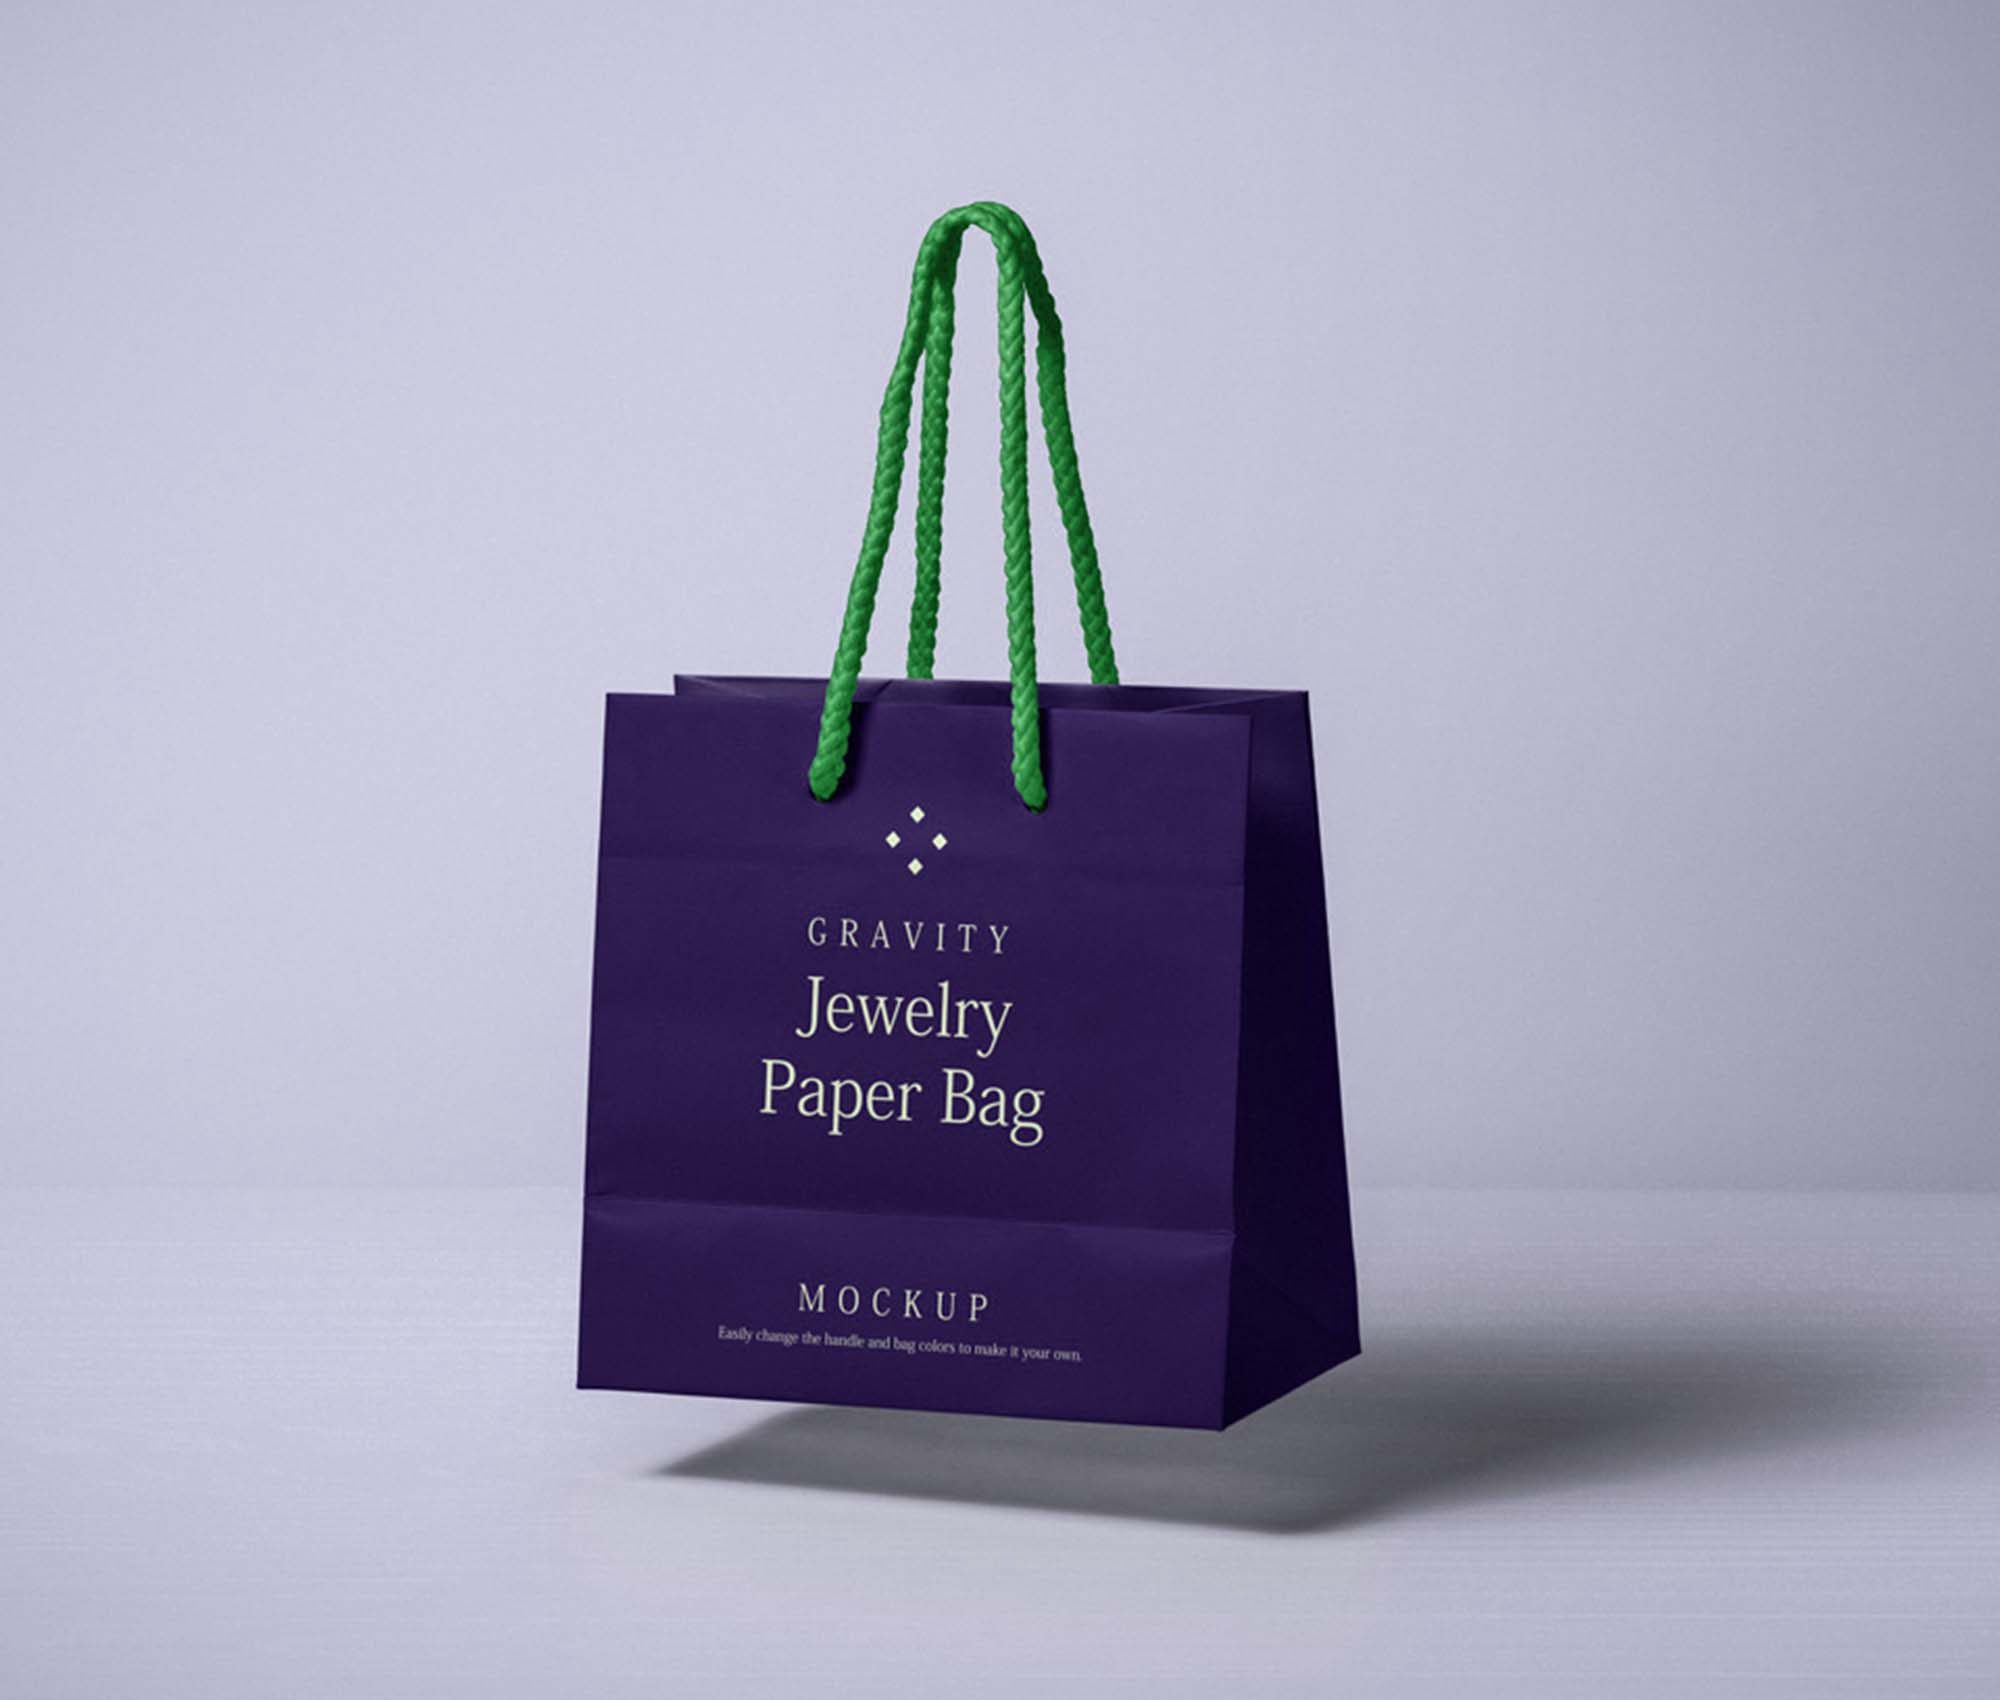 Gravity Paper Bag Mockup